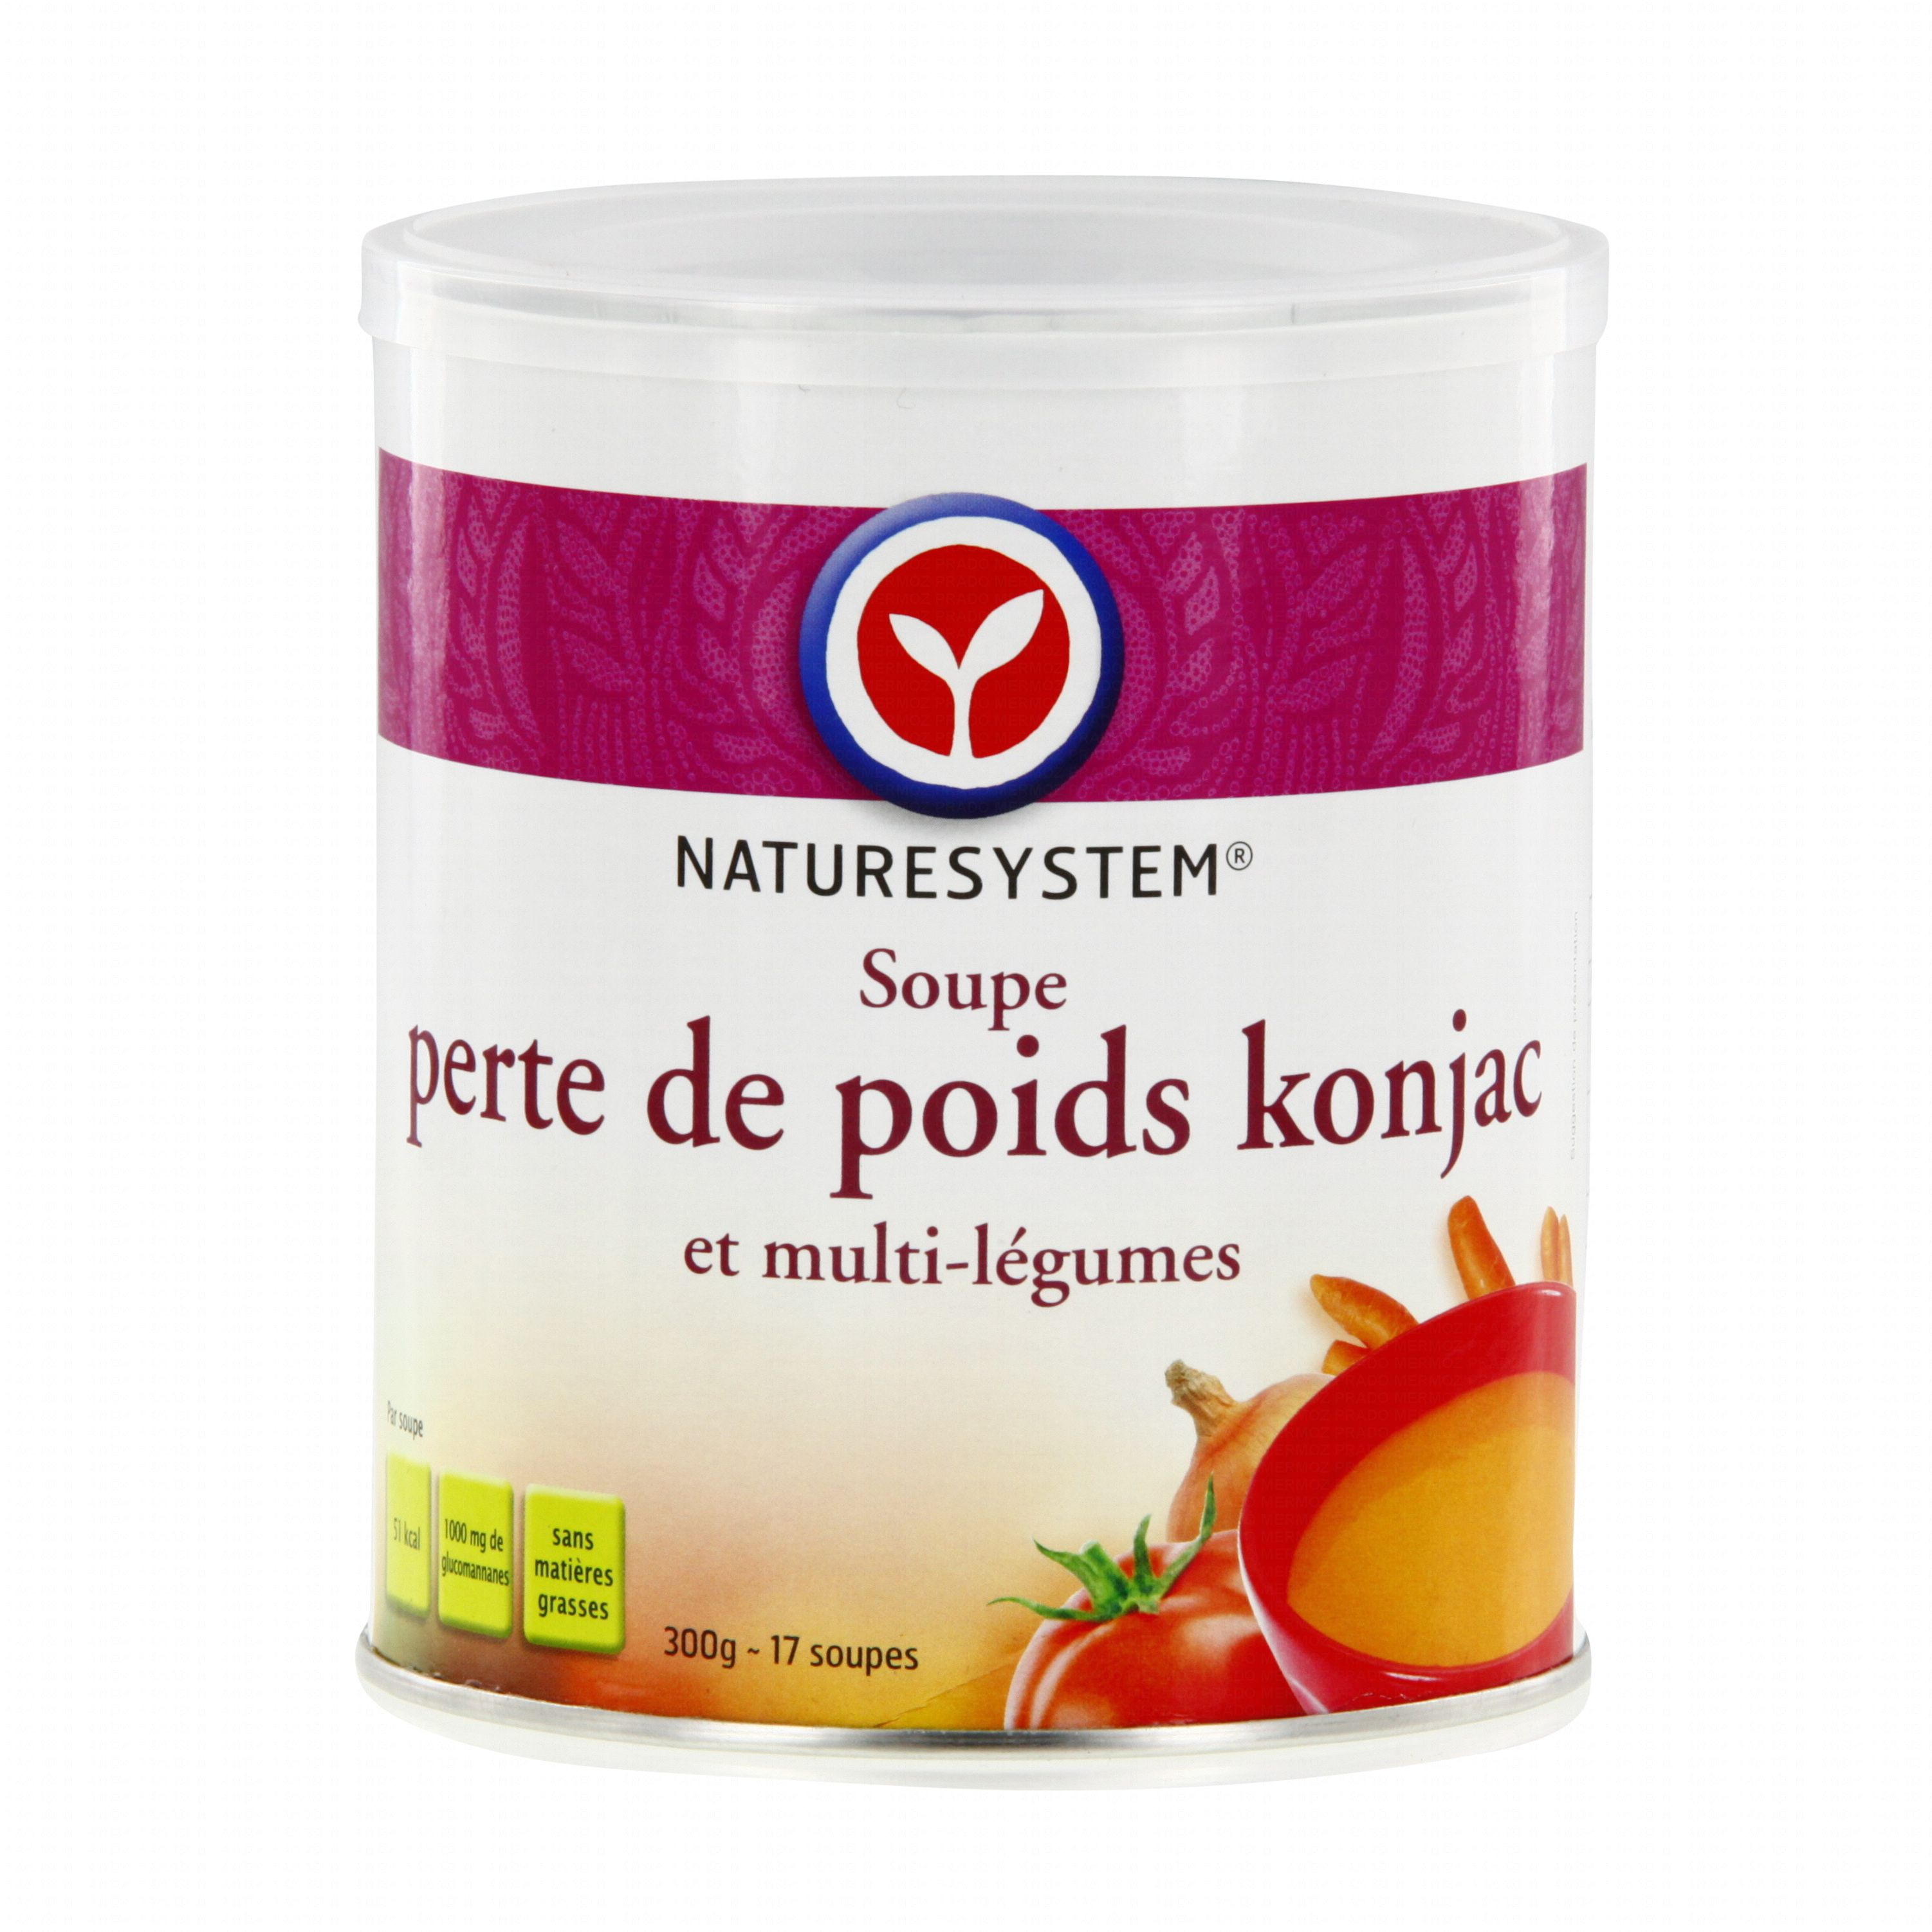 NATURESYSTEM Soupe perte de poids konjac et multi légumes